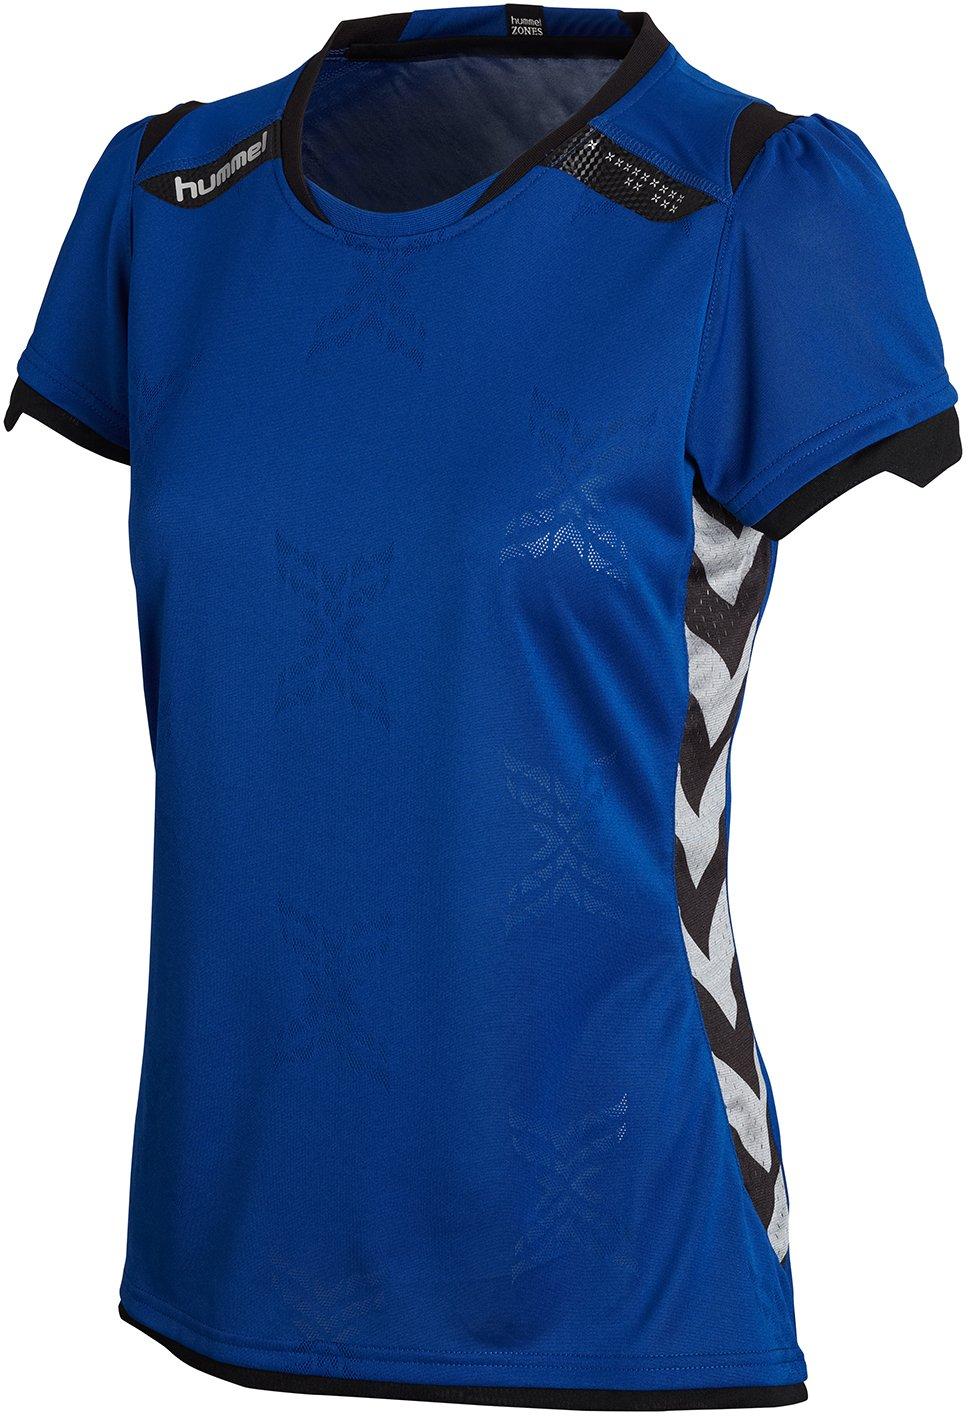 HUSTLE. Hummel Trikot - Camiseta para mujer, tamañ o S, color auté ntico azul tamaño S color auténtico azul